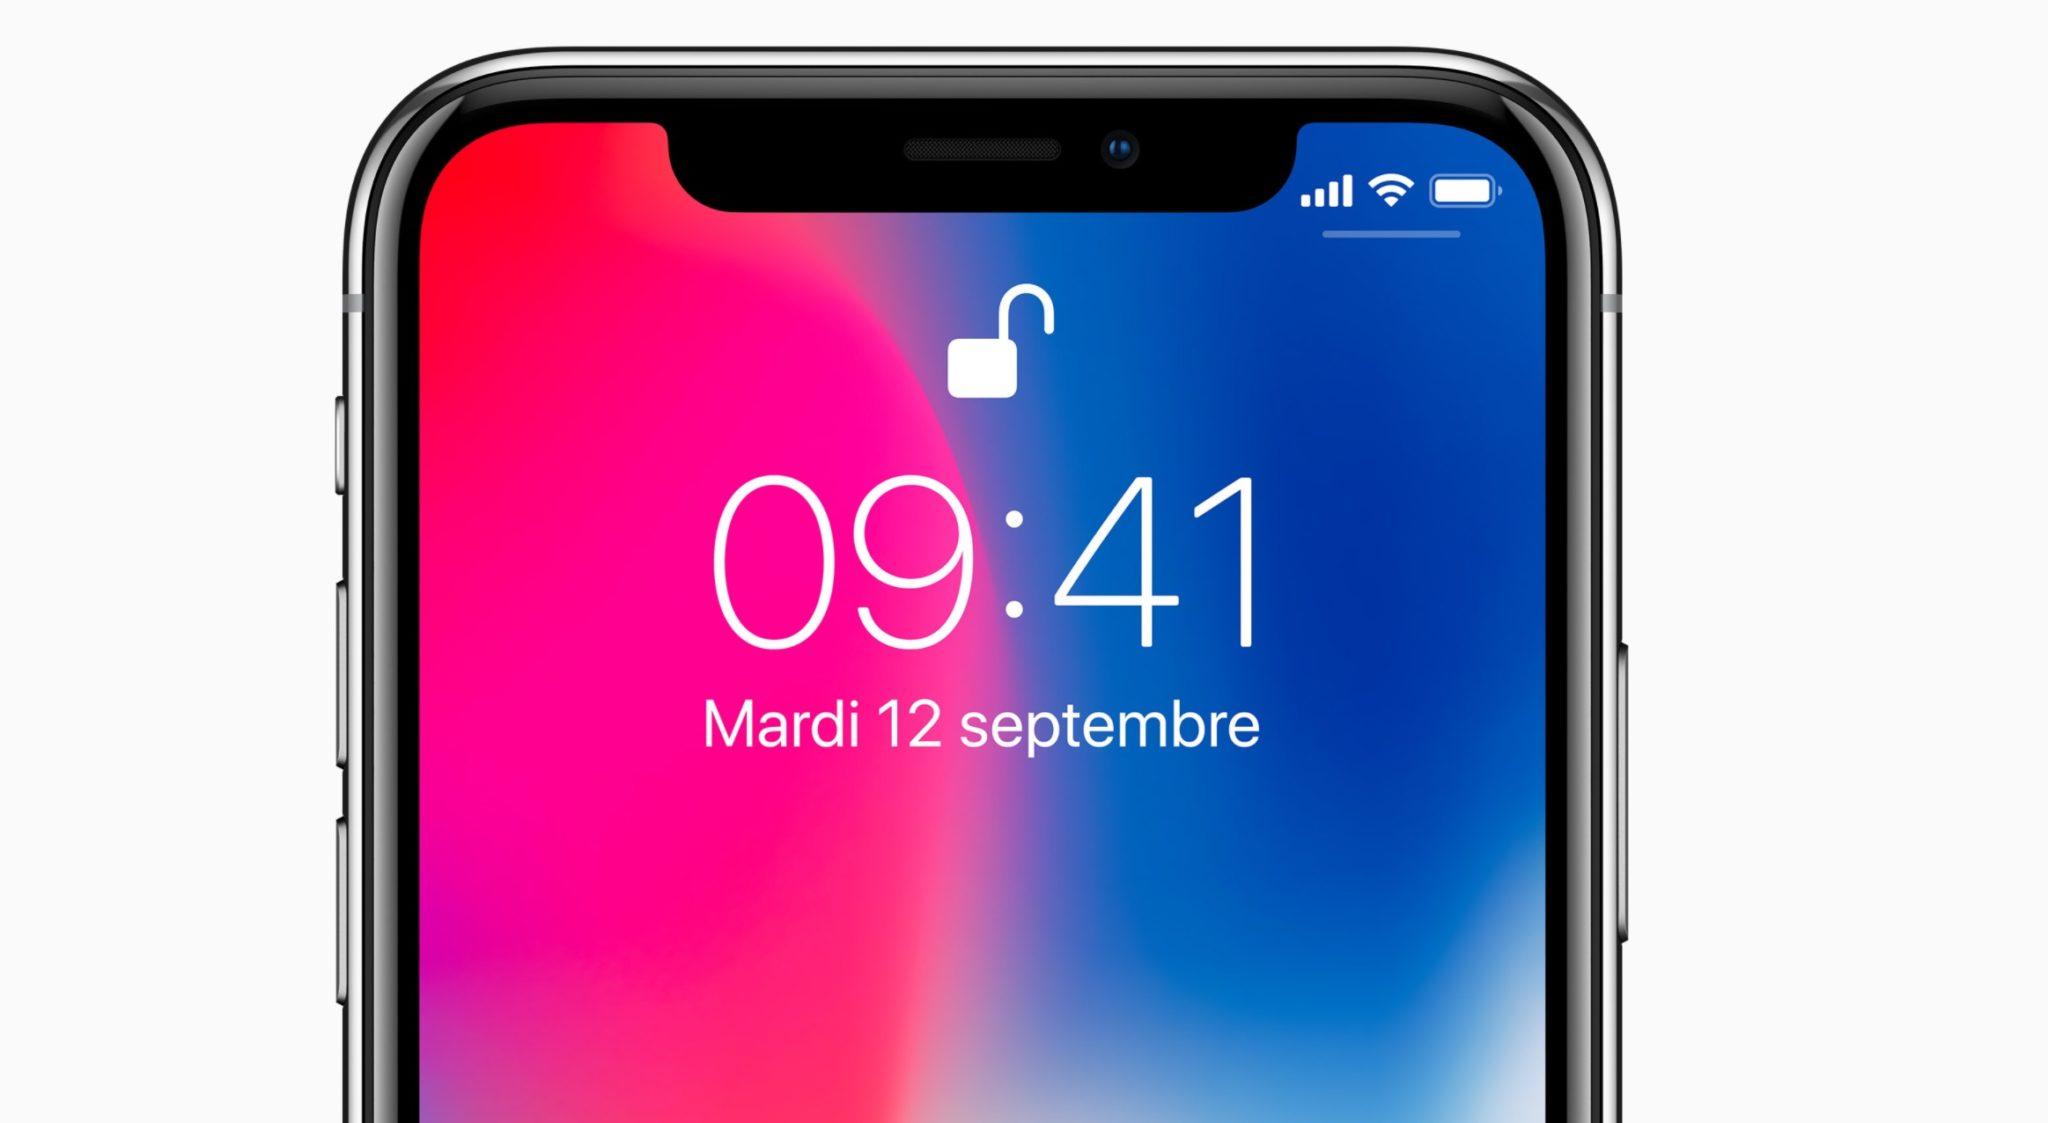 Avoir Un Iphone X Gratuit